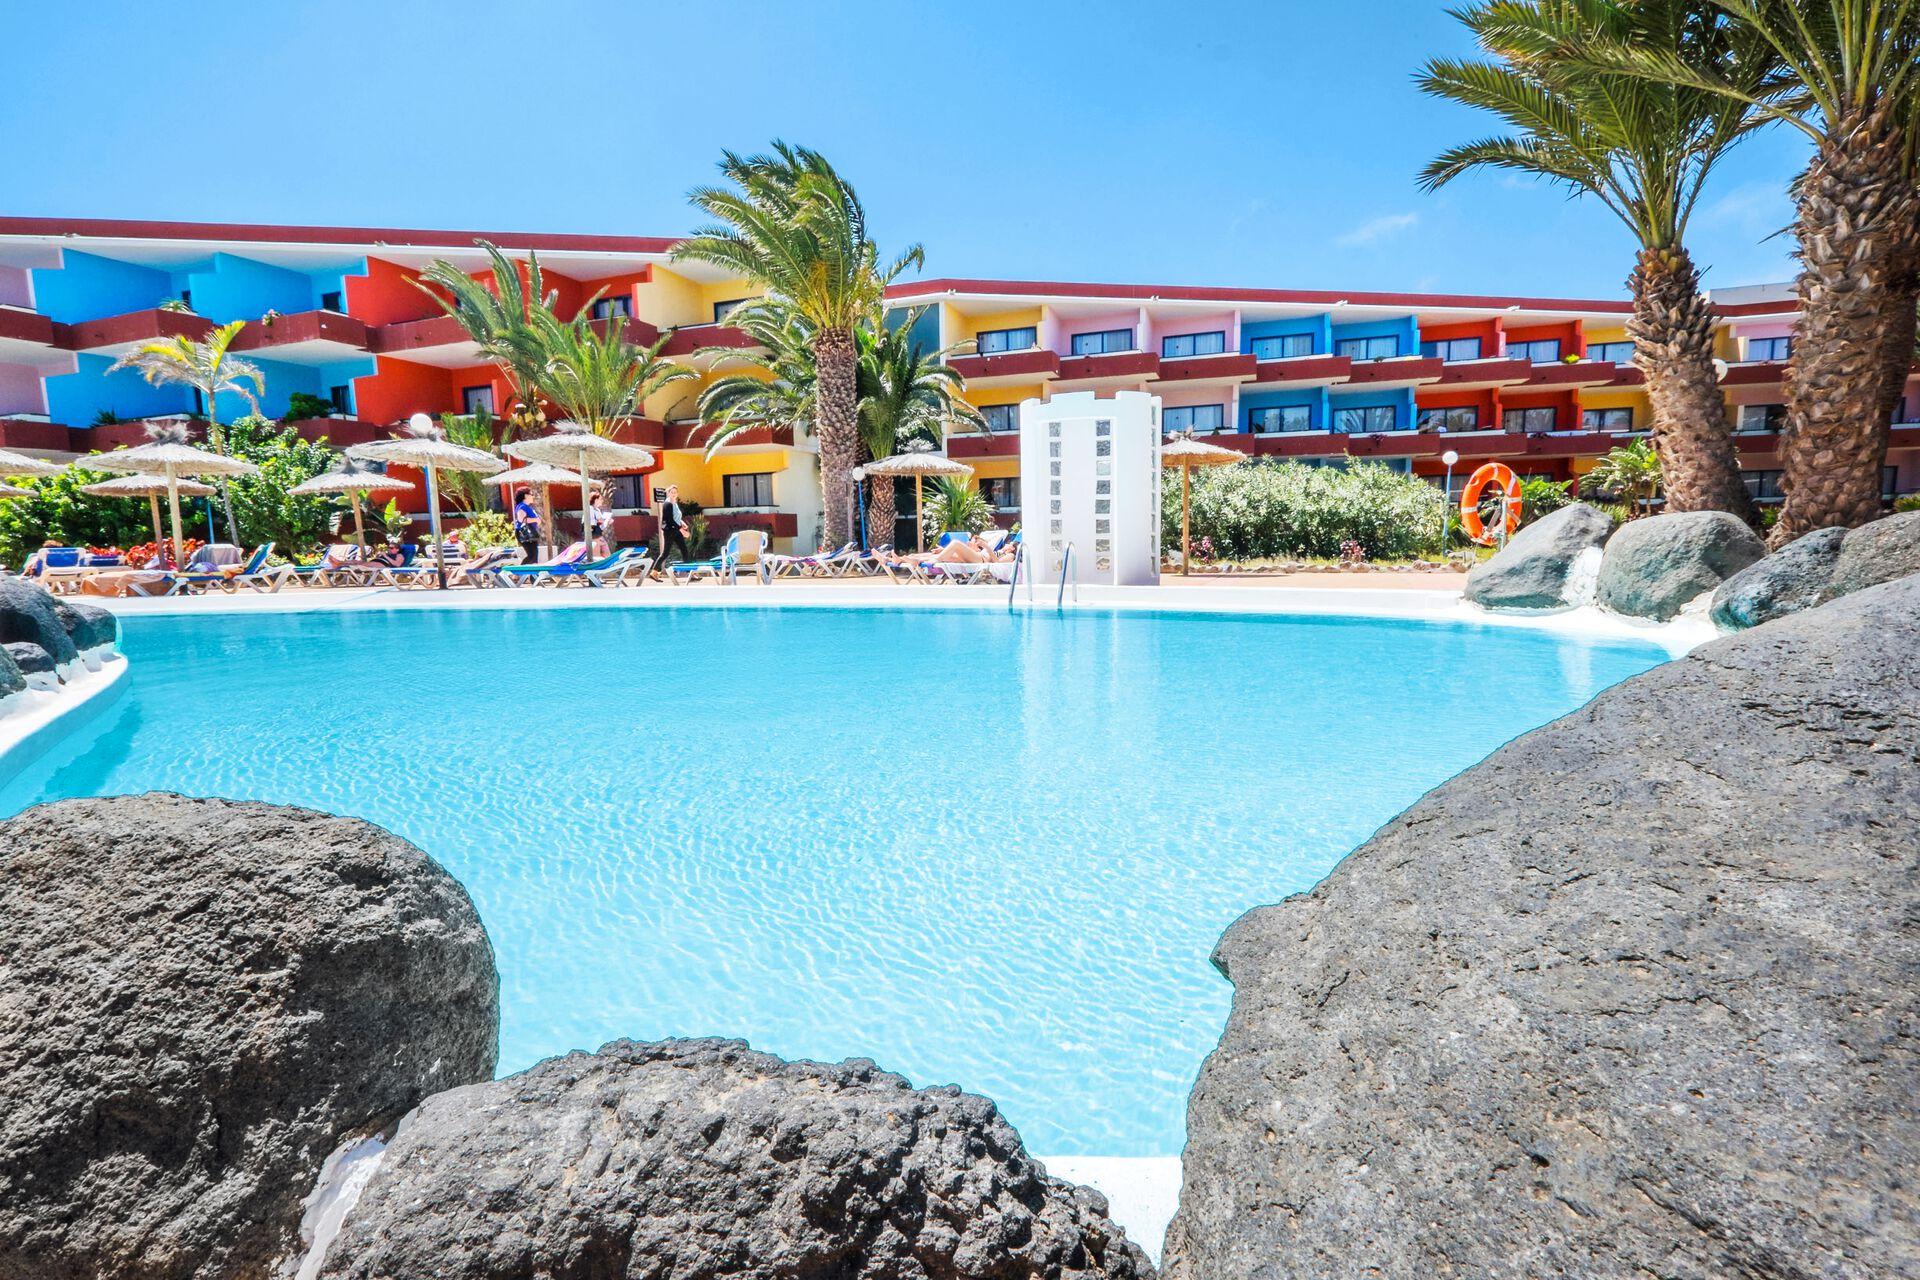 Séjour Fuerteventura - Hotel SBH Fuerteventura Playa - 4*